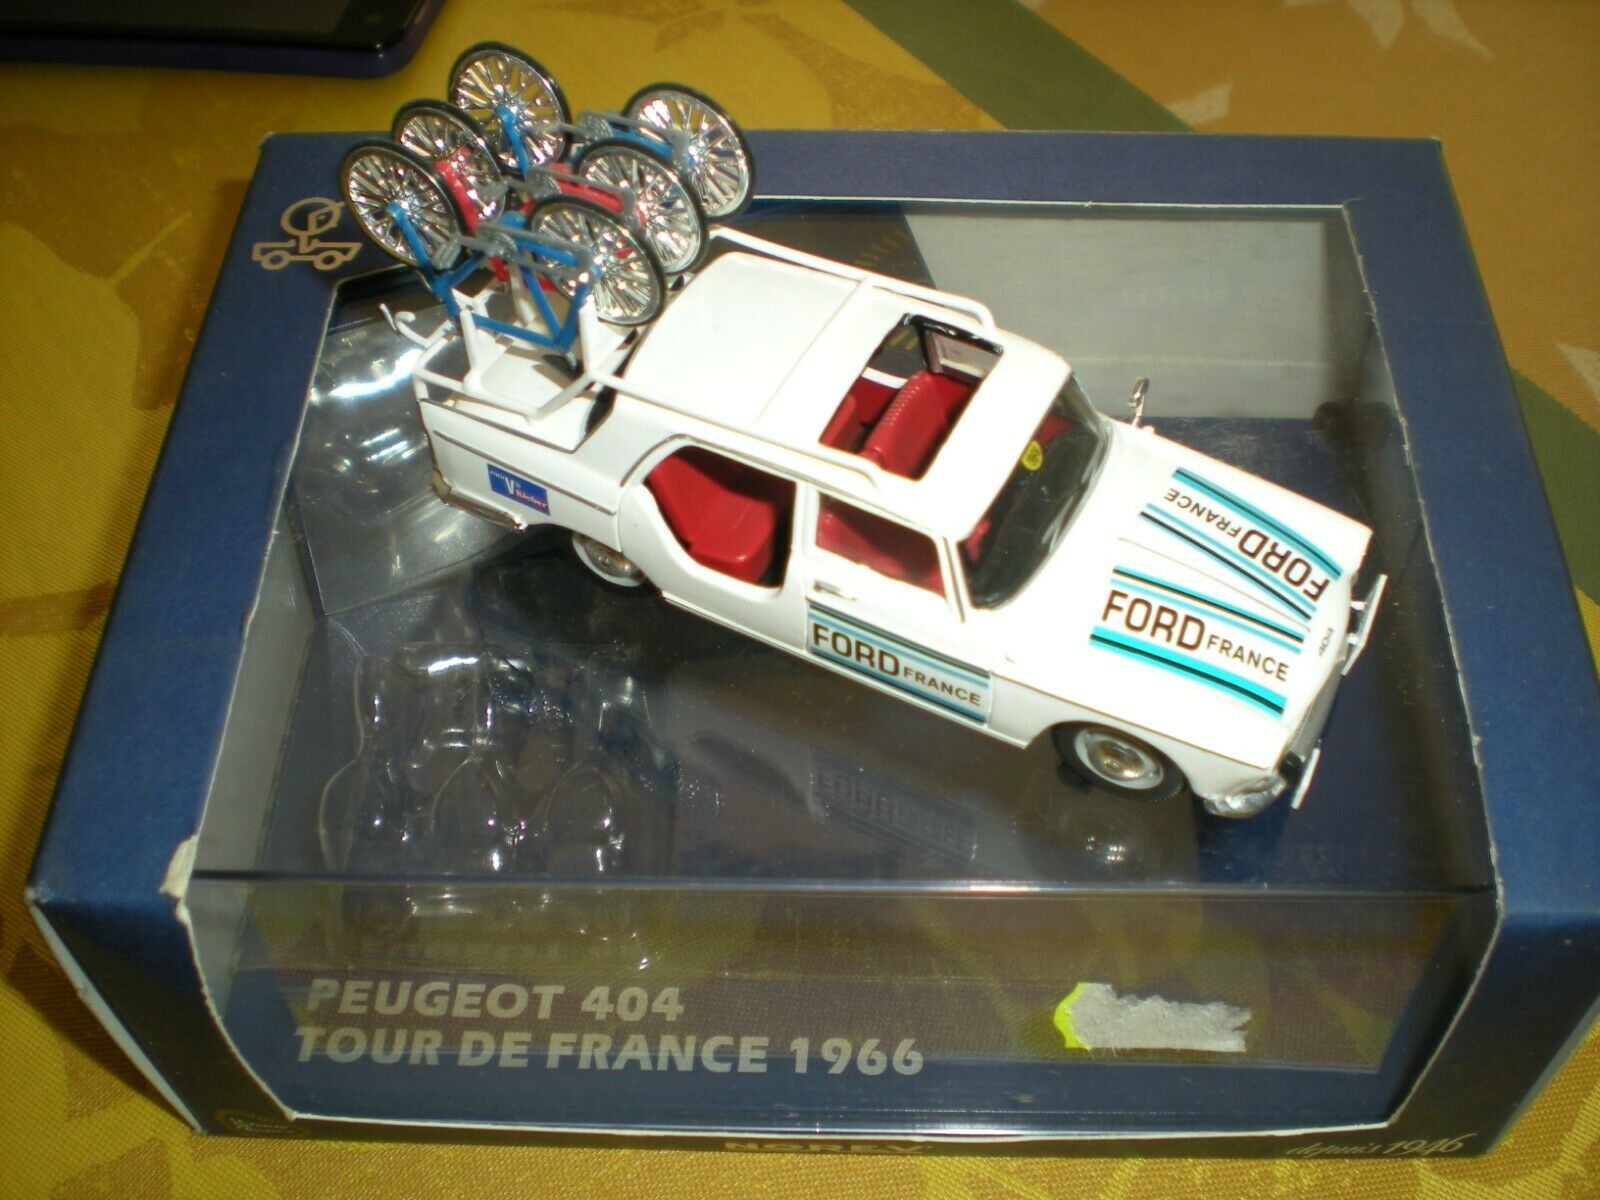 Peugeot 404 tour de france 1966 norev vehicule  equipe ford  profiter de vos achats